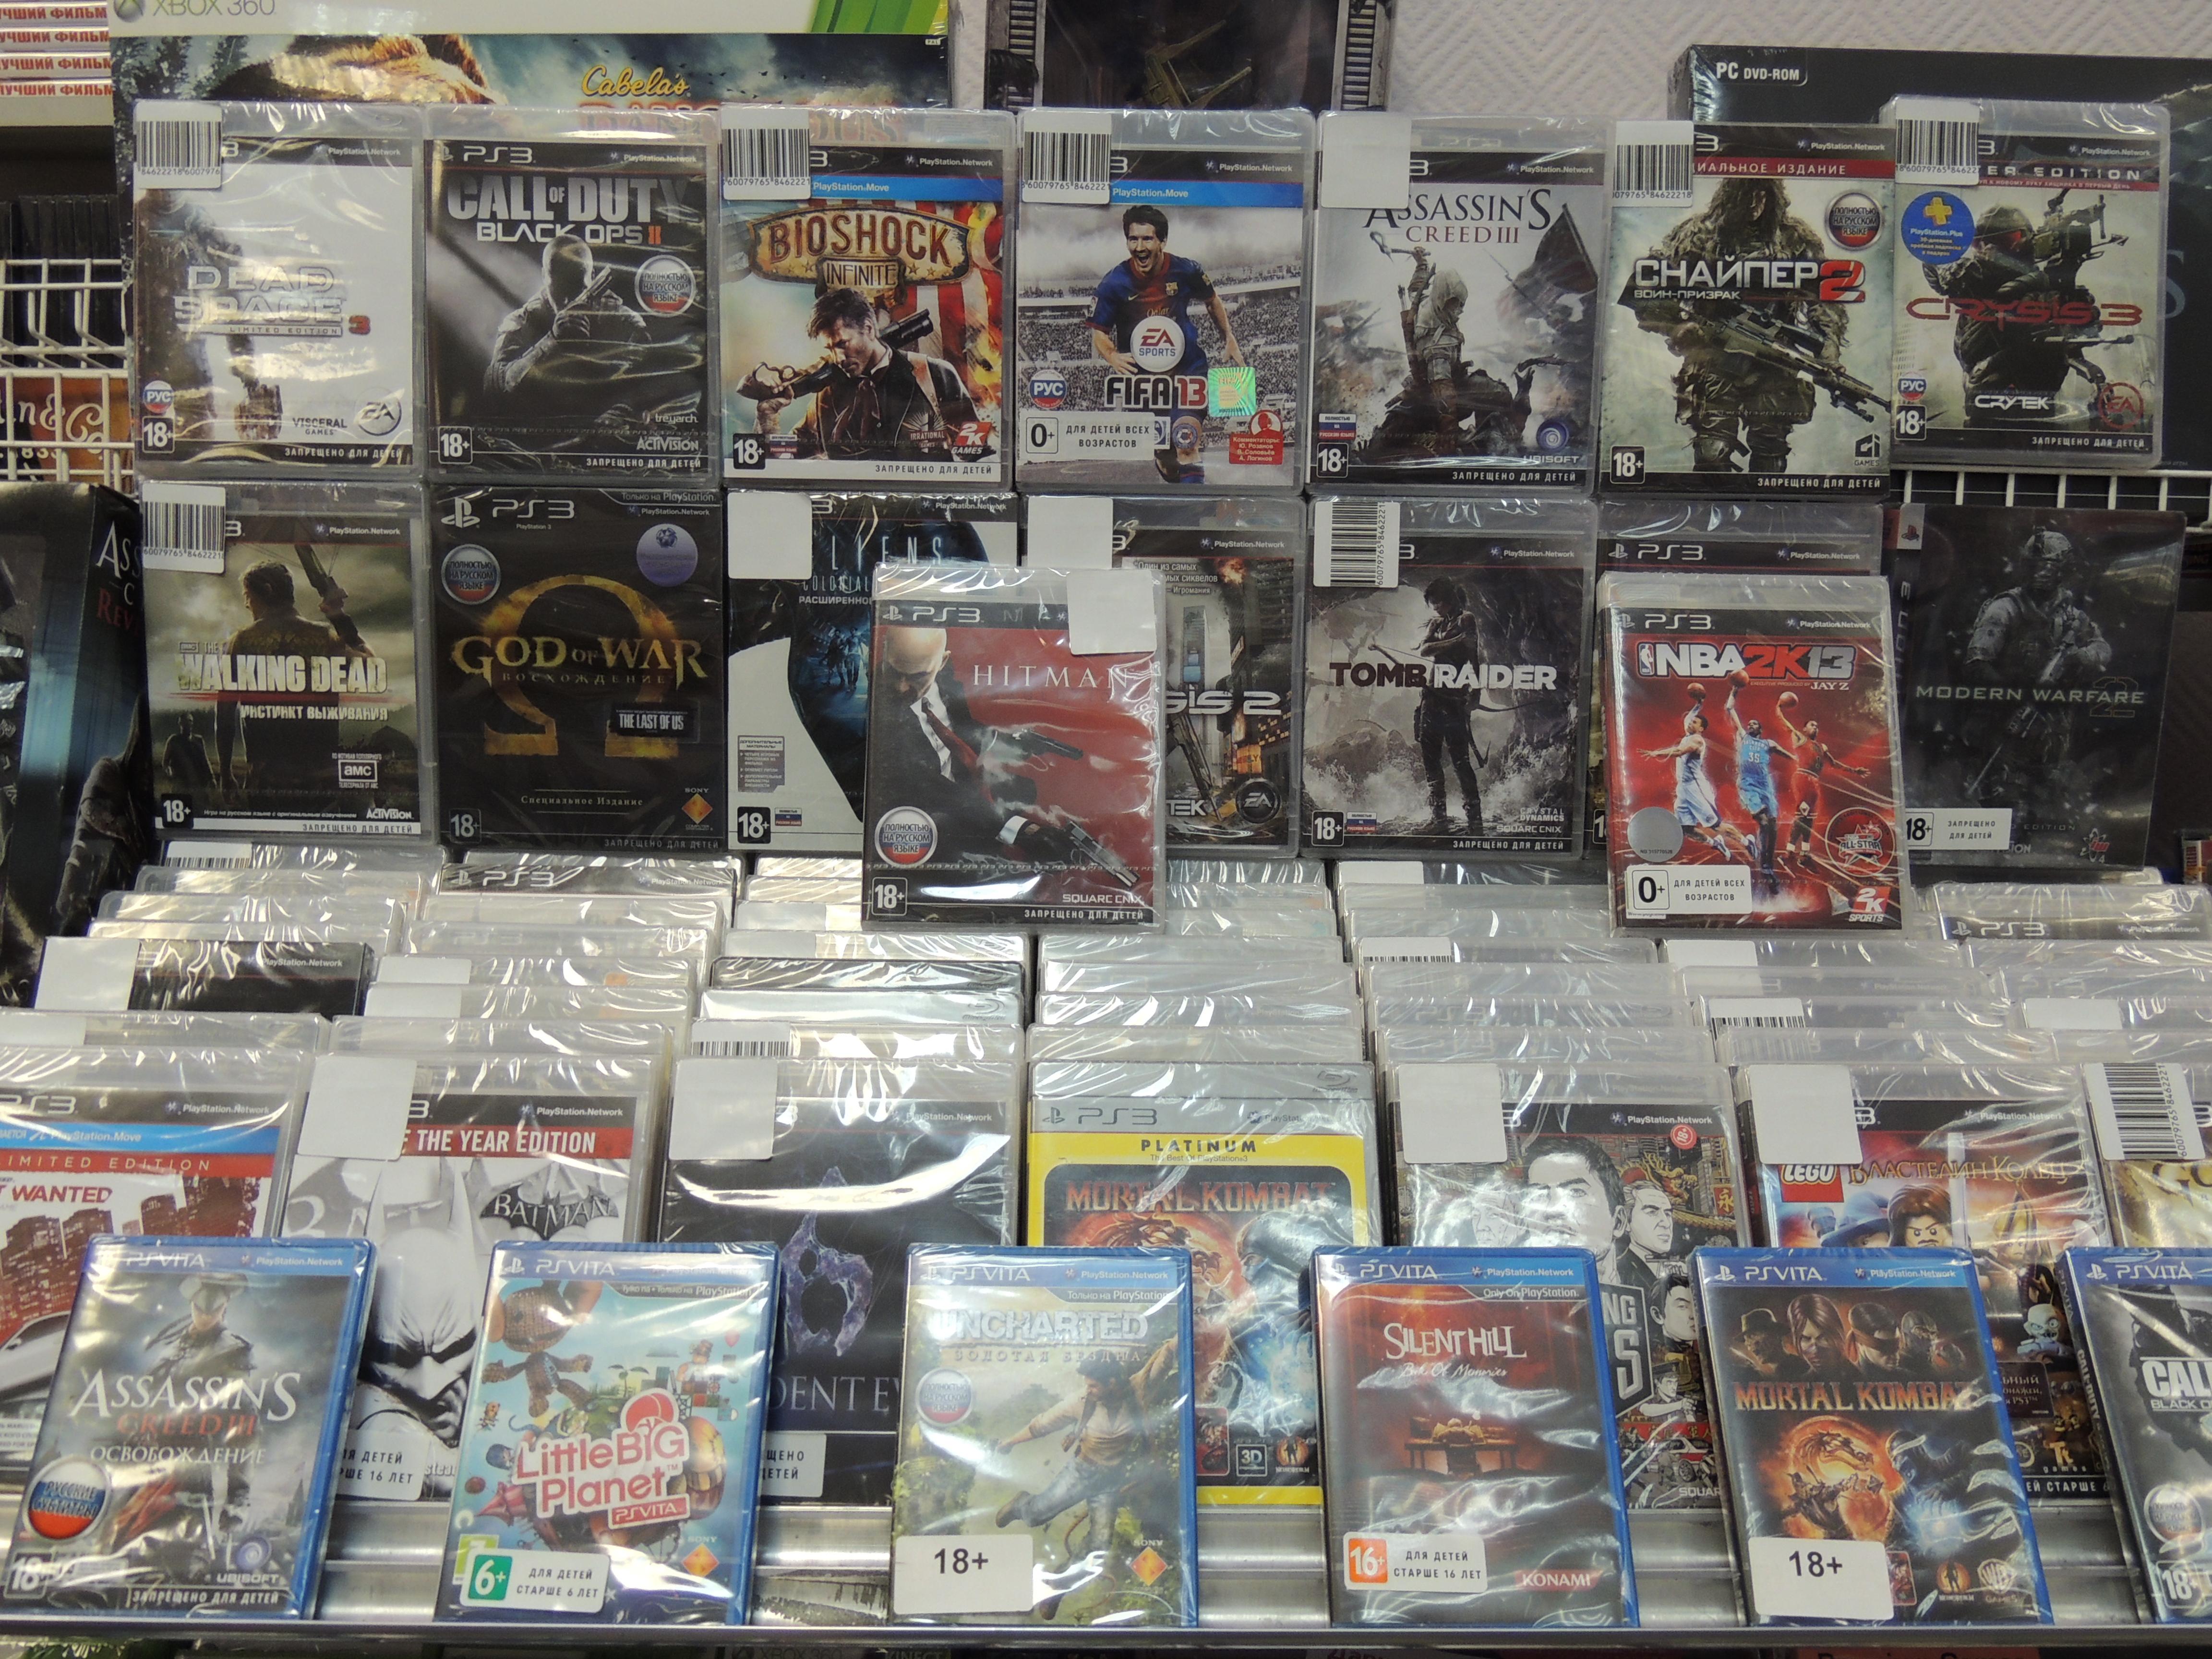 Купить игру для Sony PlayStation 3 в Москве, цены на